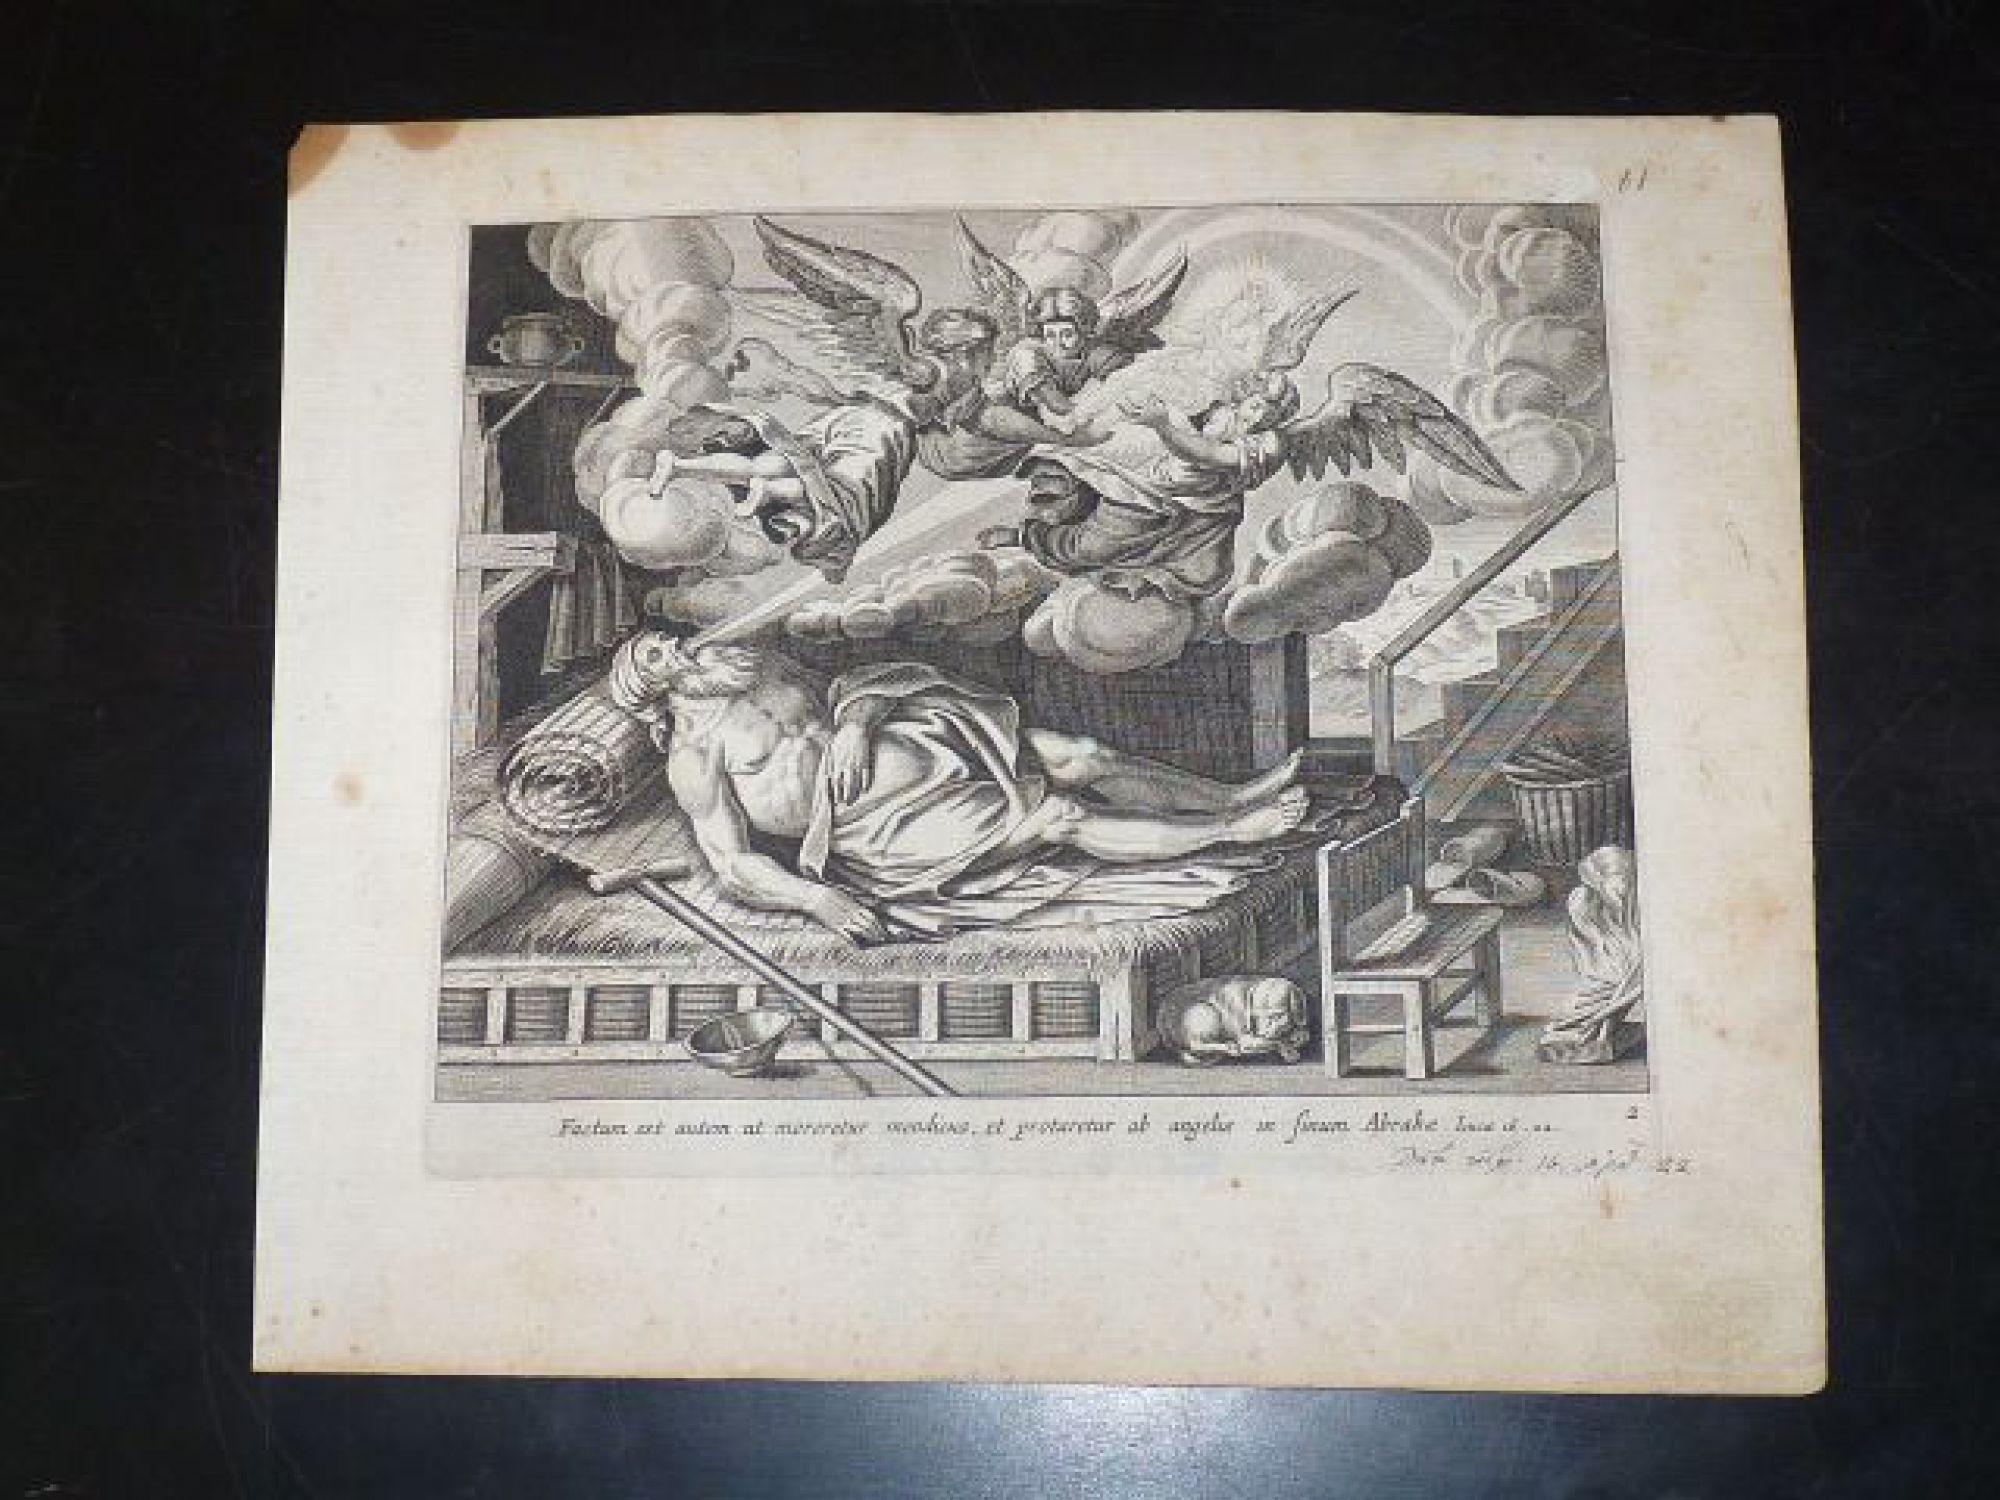 Factum est autem ut moreretur mendicus, et protaretur ab angelis in sinum  Abrahae. (Luc 16.22.). Gravure